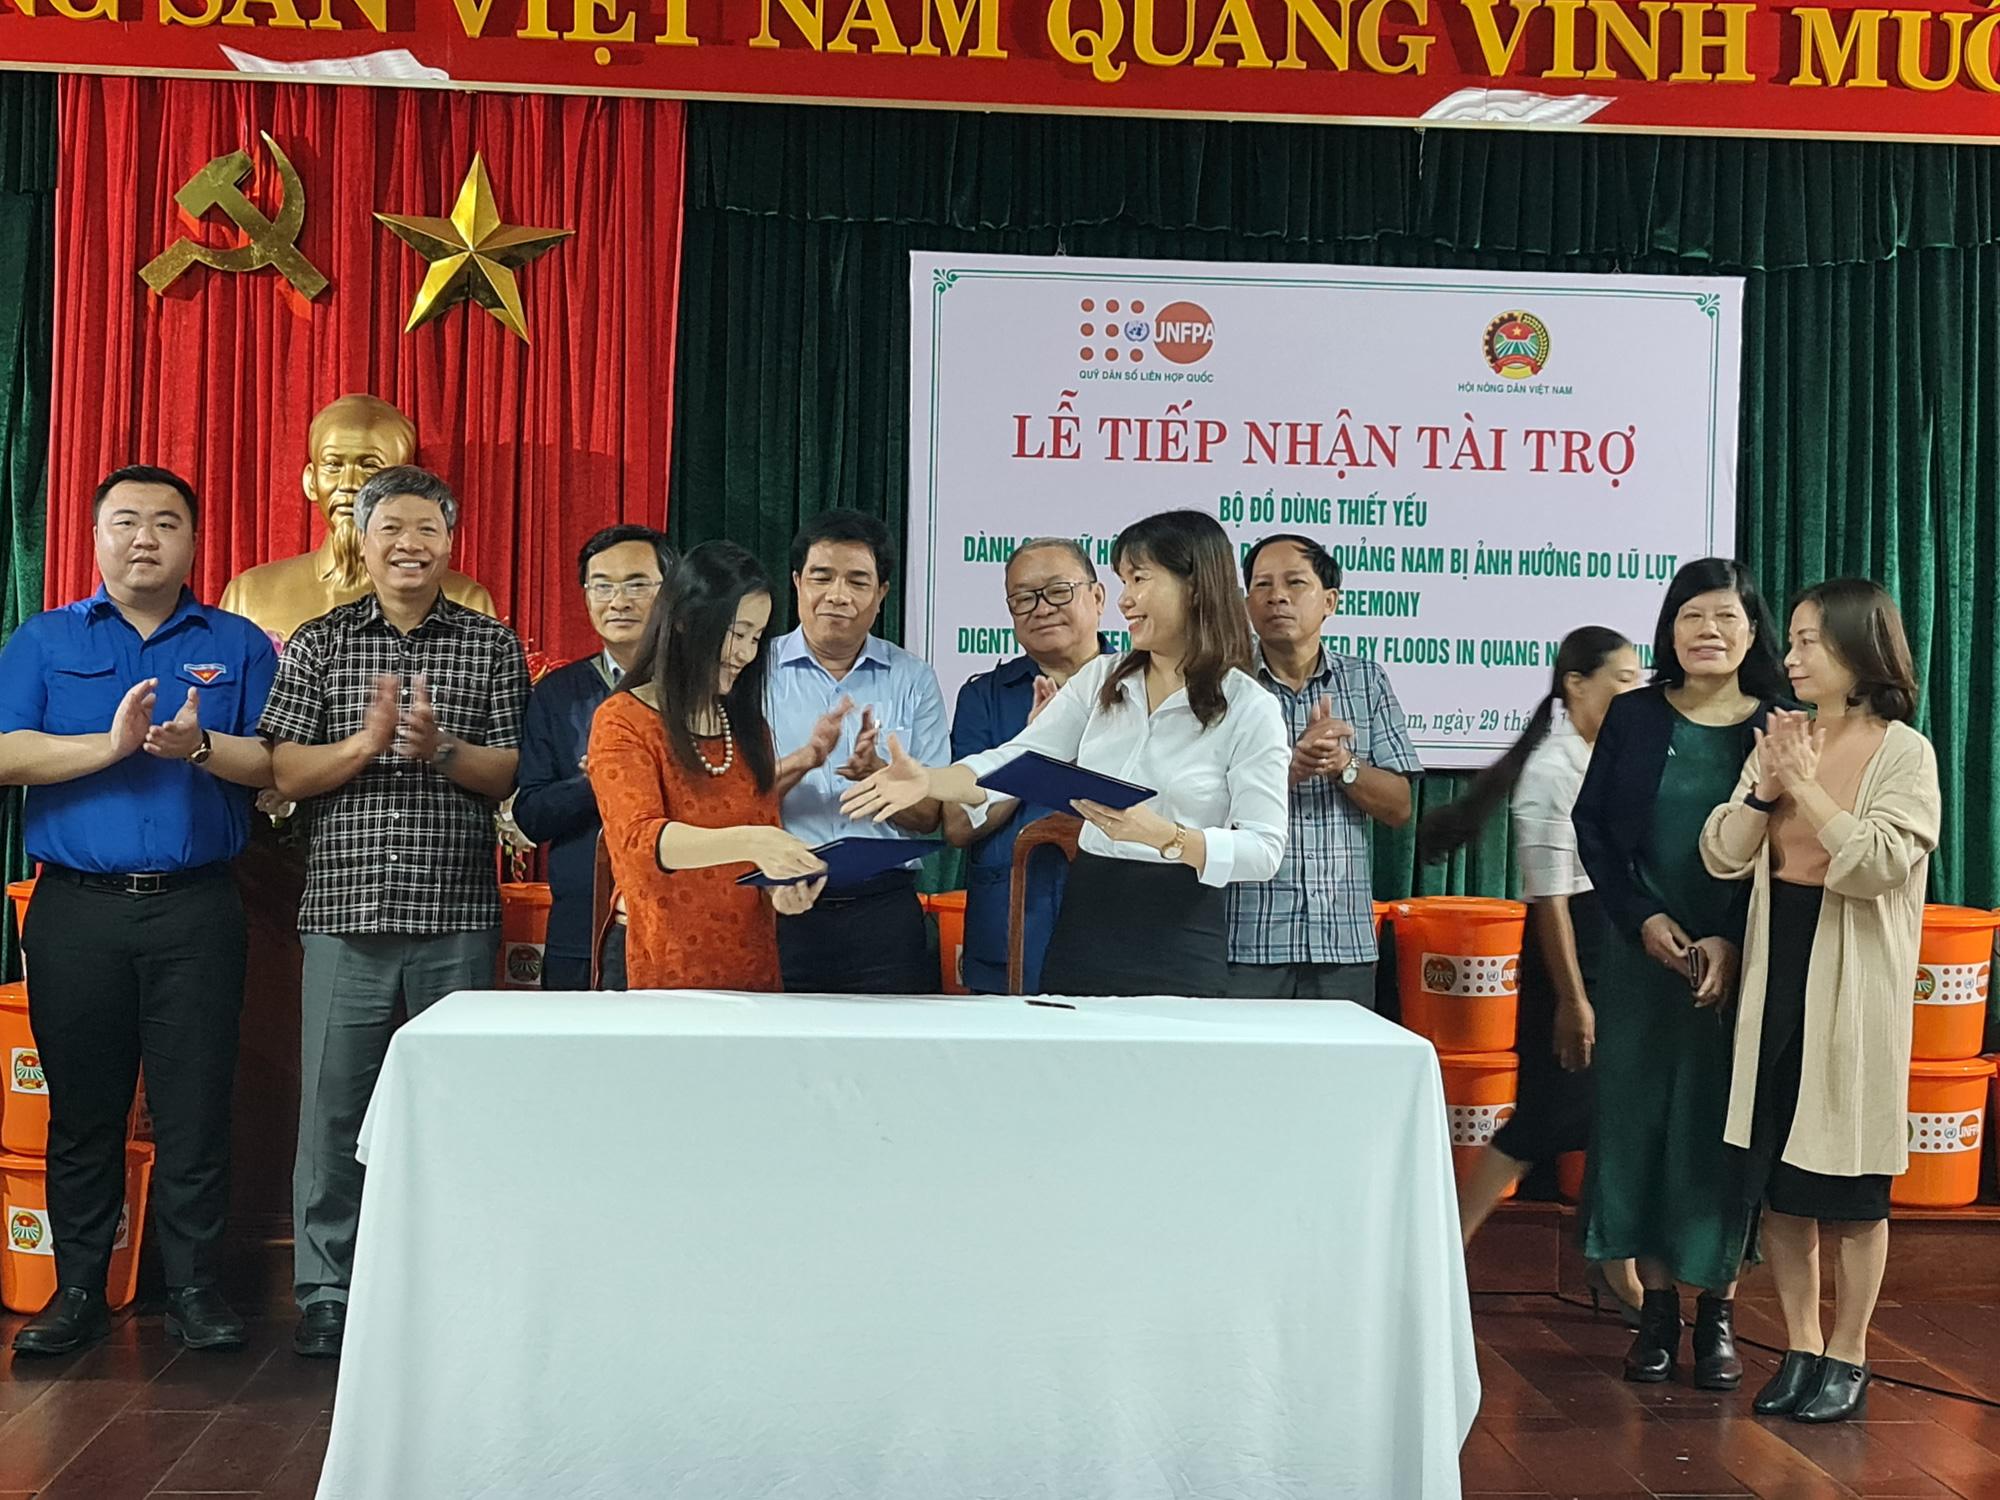 Chủ tịch TƯ Hội Nông dân Việt Nam trao 1.543 bộ đồ dùng thiết yếu cho nữ hội viên Quảng Nam - Ảnh 8.